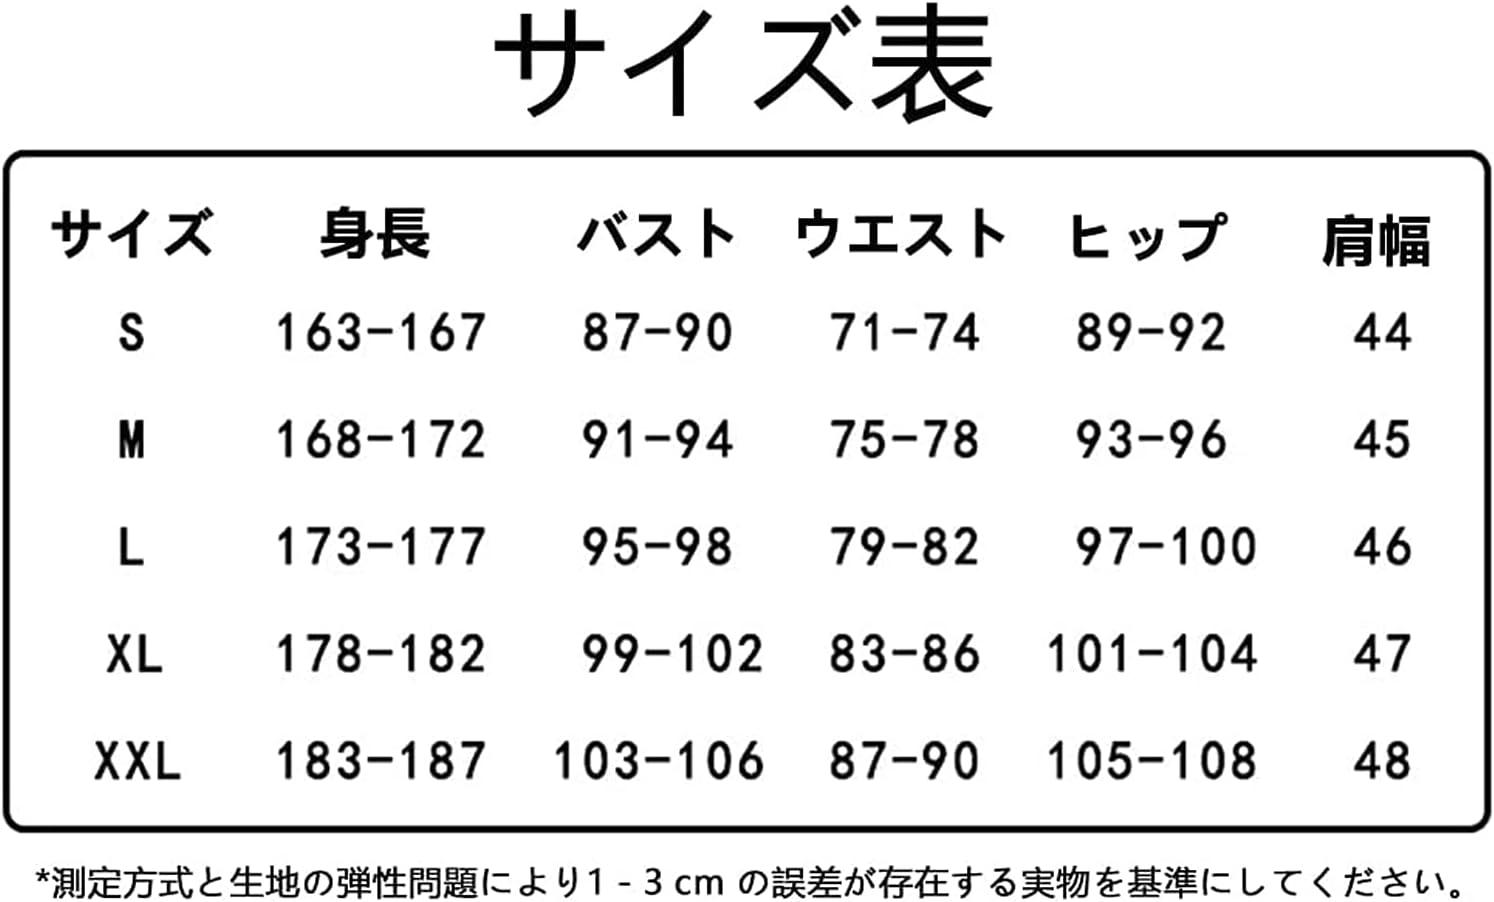 【花垣武道 (はながきたけみち) 】東京リベンジャーズ コスプレ 衣装